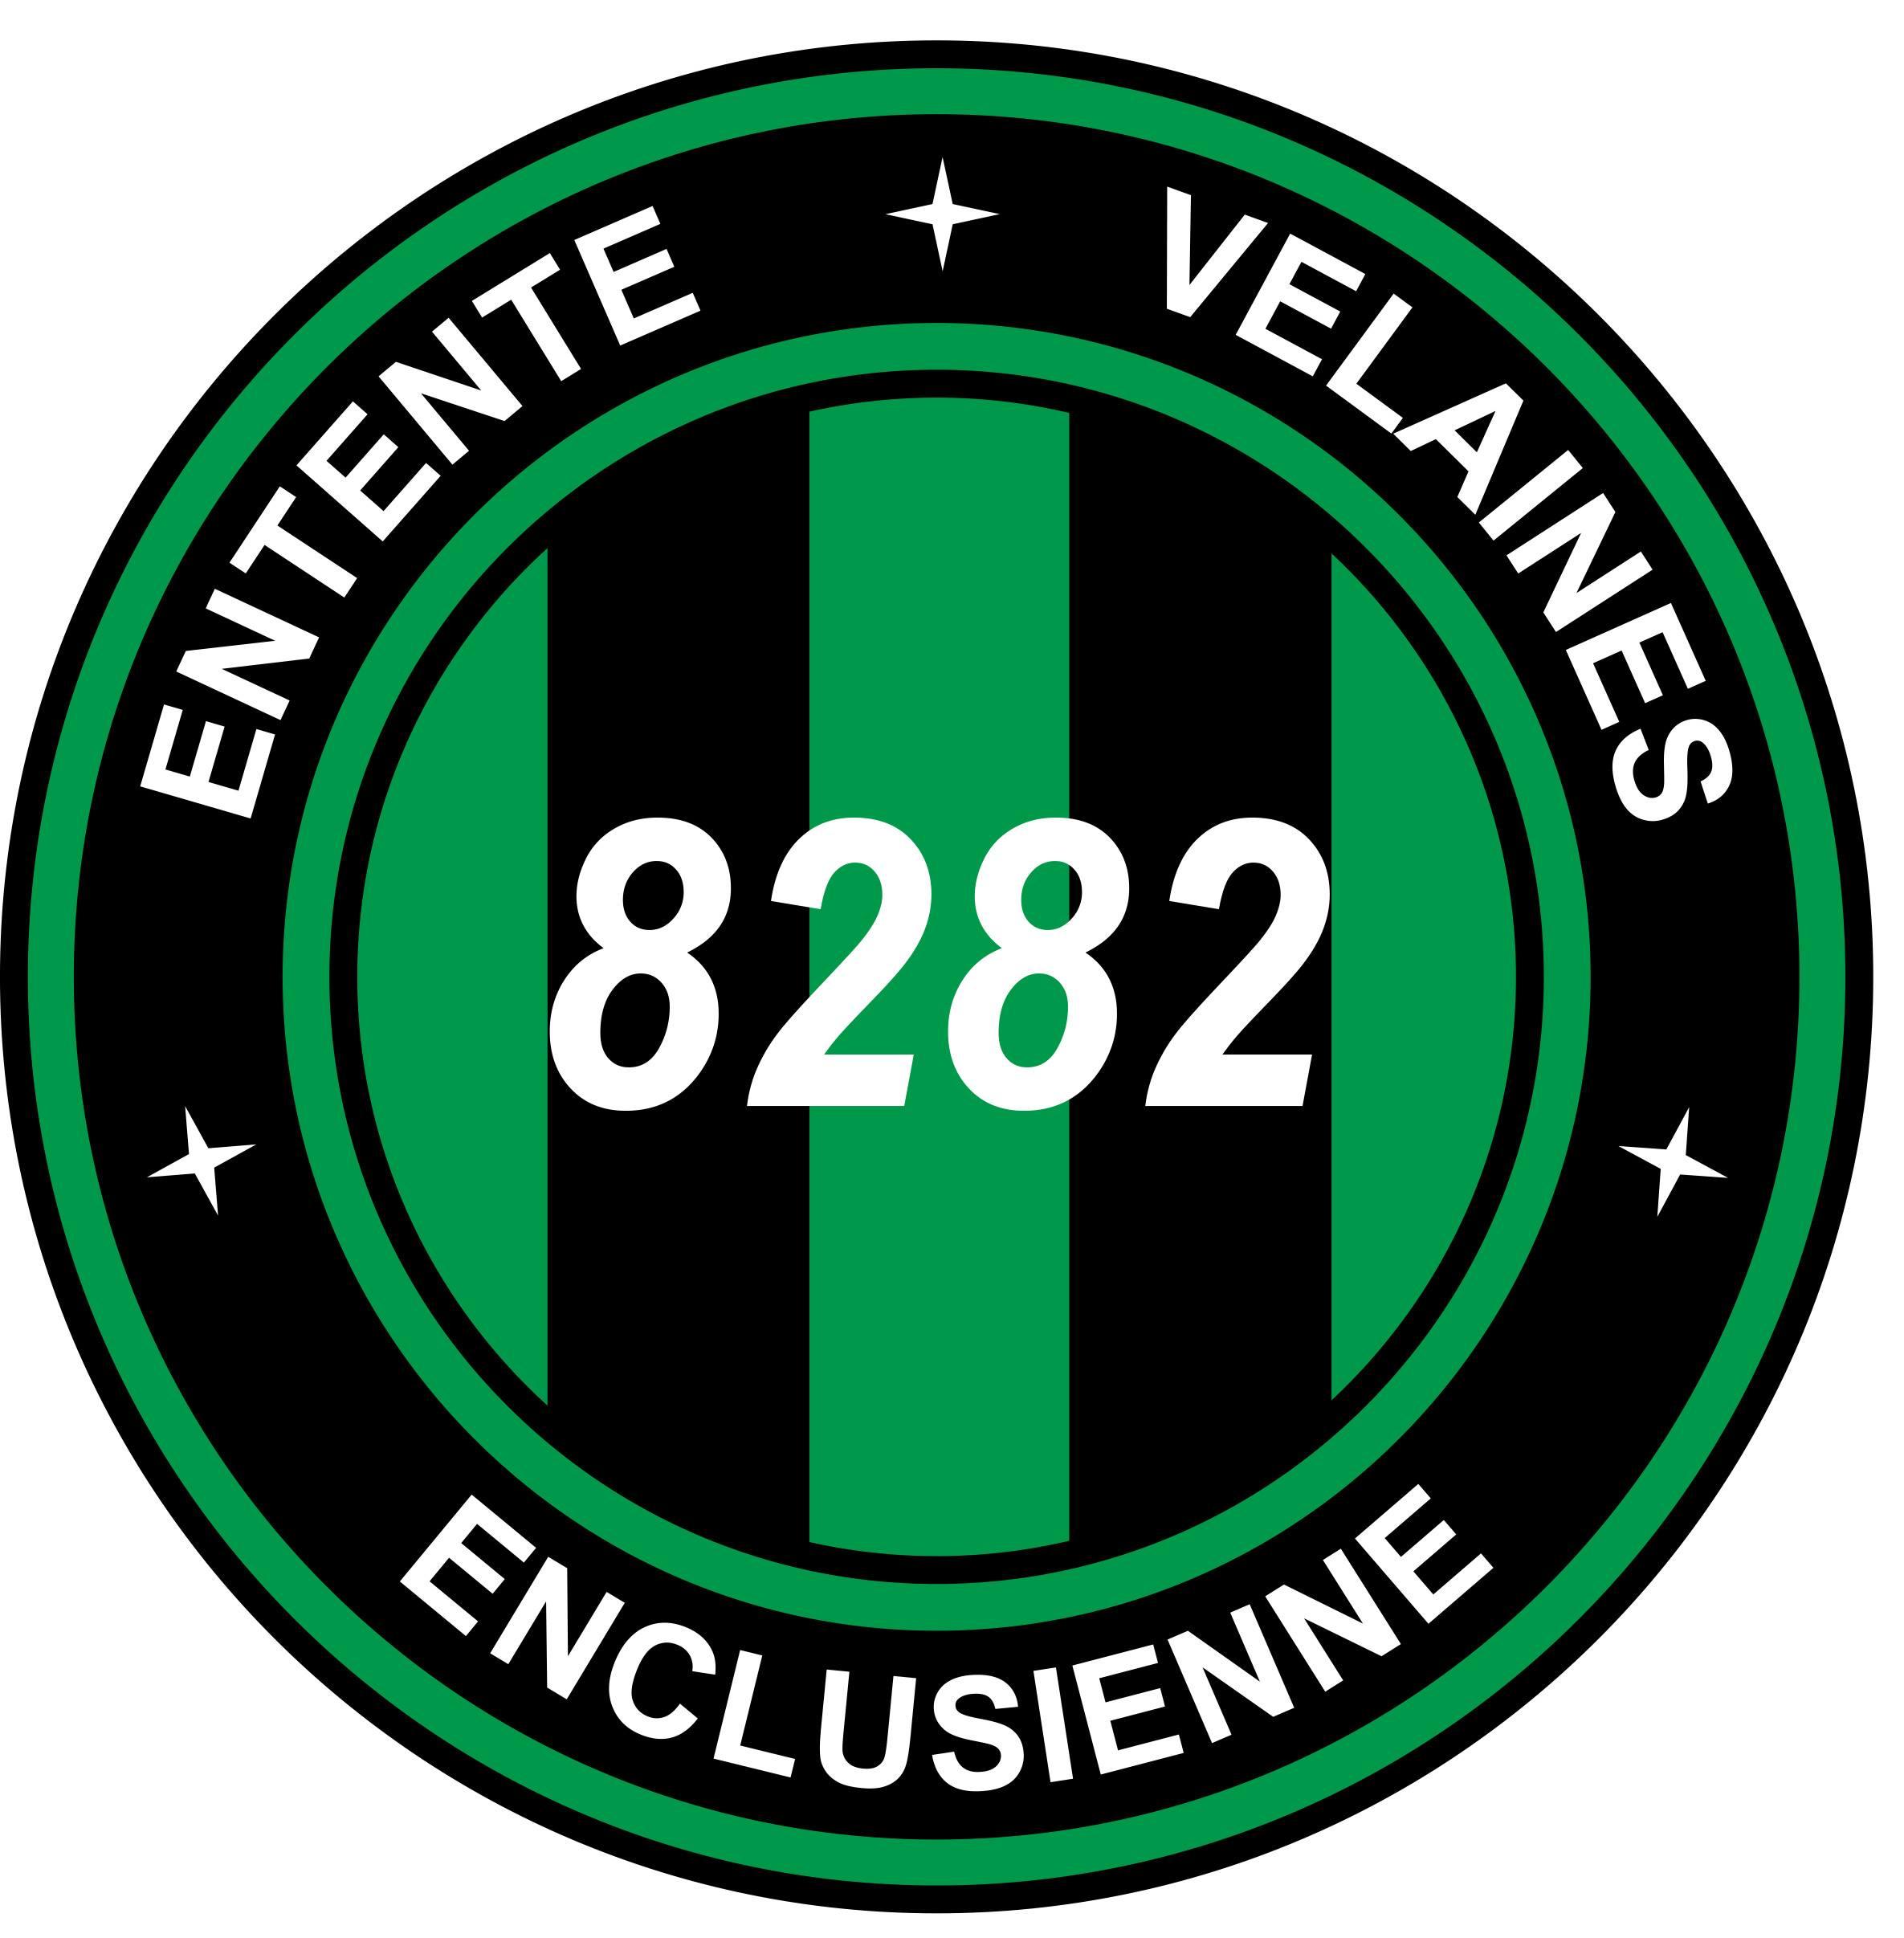 4 - Ent. Velaines Enclusienne